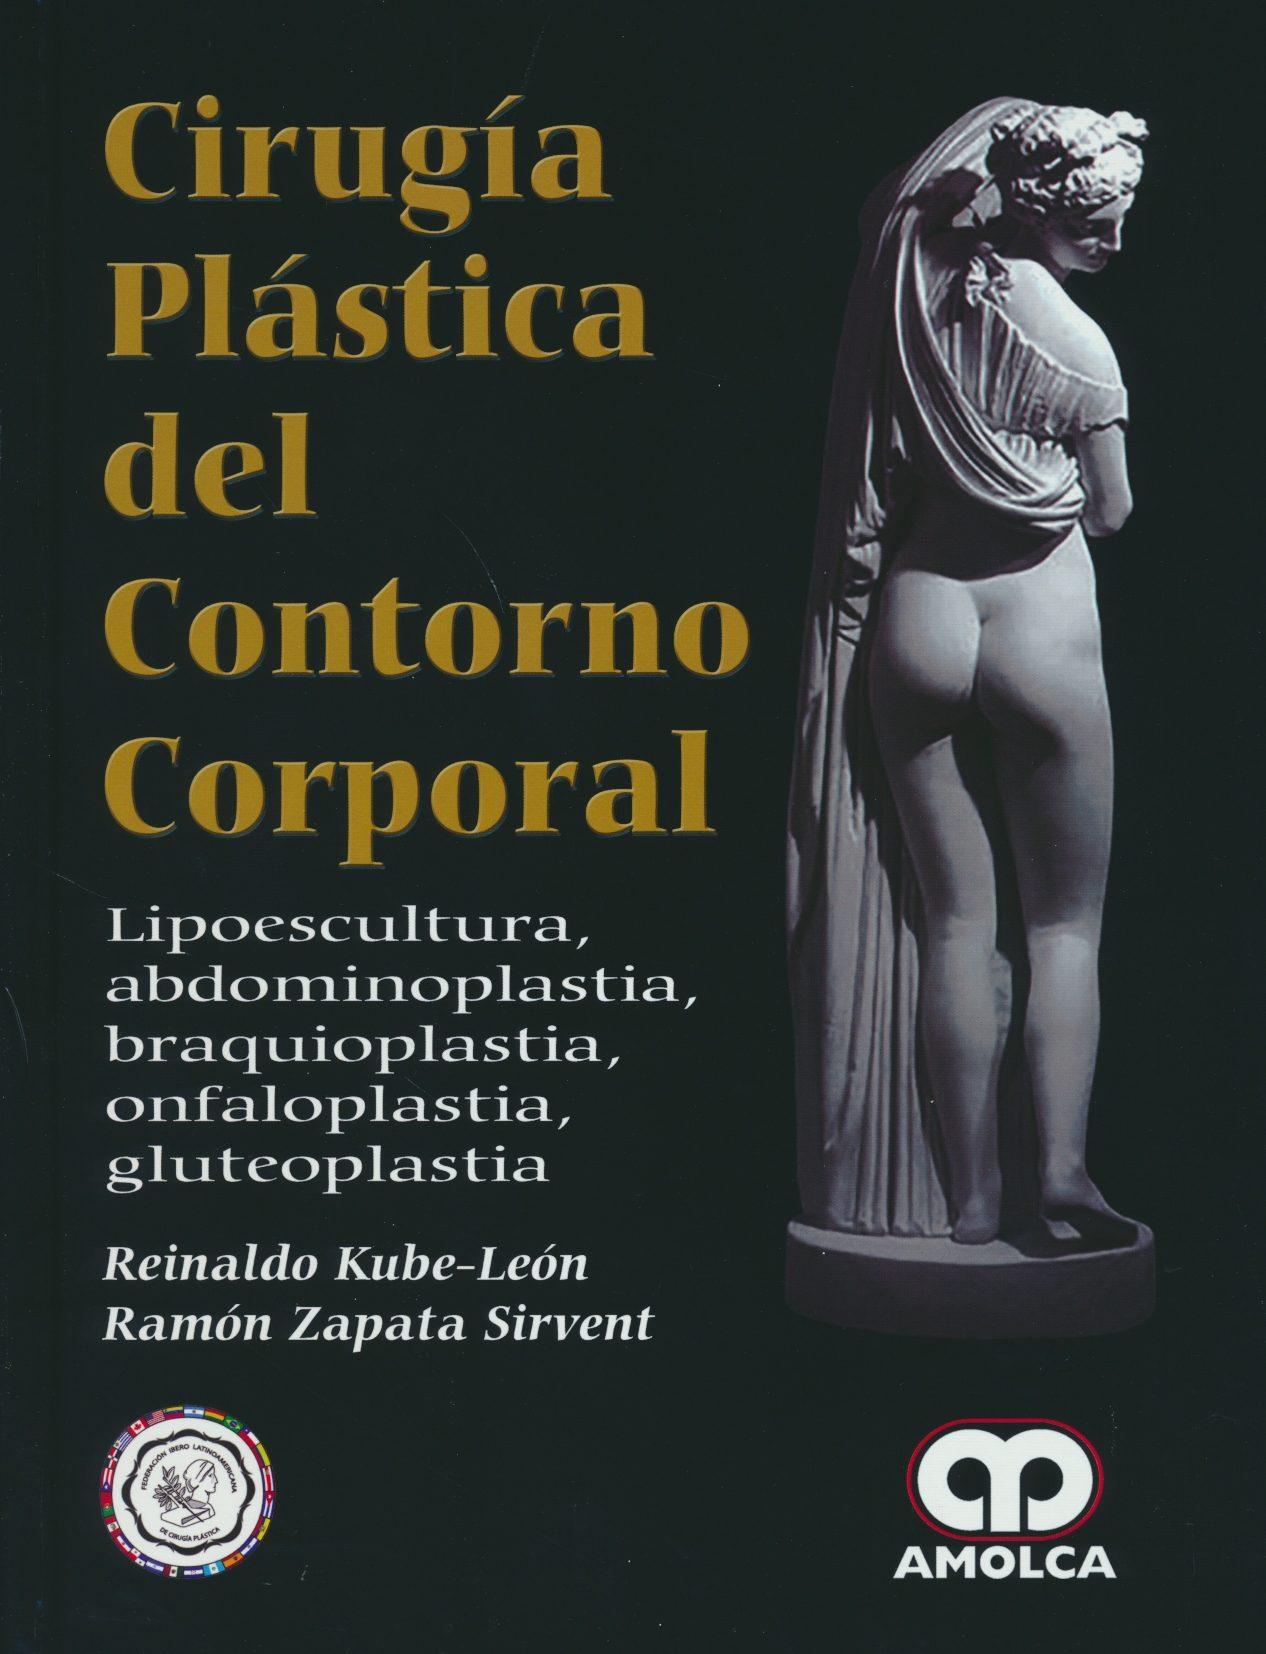 CIRUGIA PLASTICA DEL CONTORNO CORPORAL | REINALDO KUBE-LEON ...